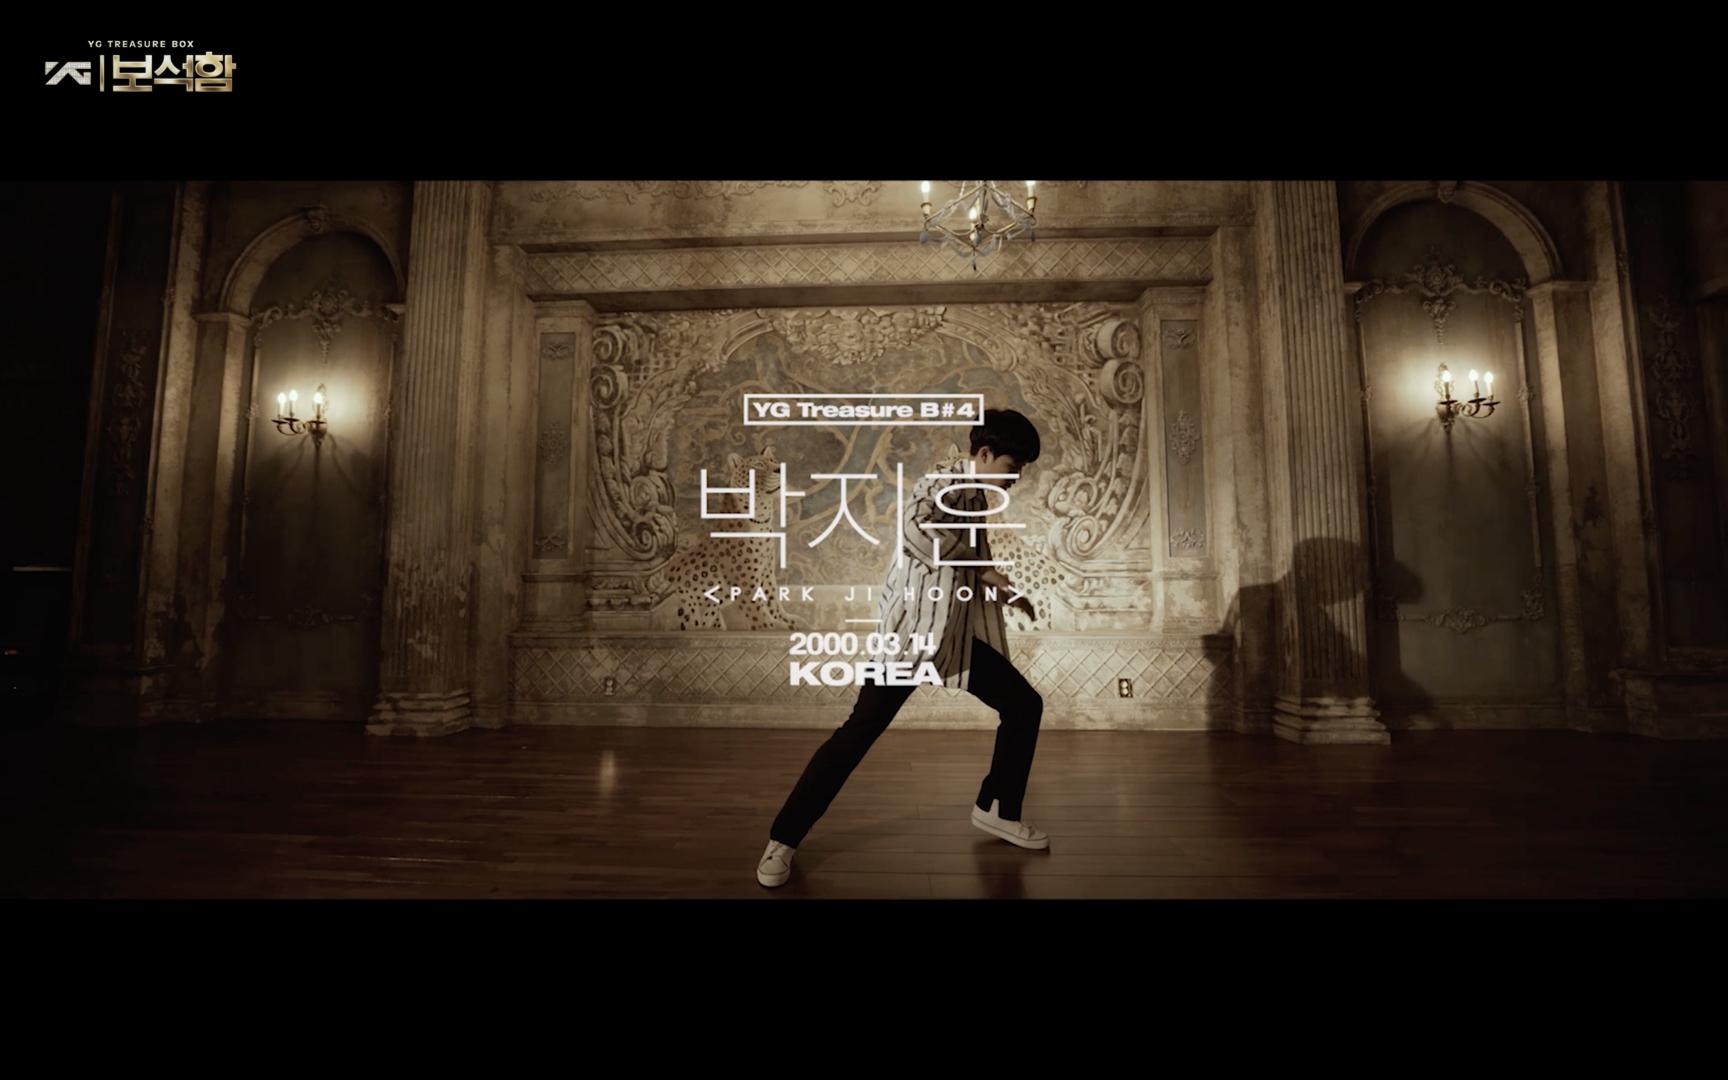 YG보석함ㅣB#4 박지훈 <PARK JIHOON> #인터뷰+퍼포먼스